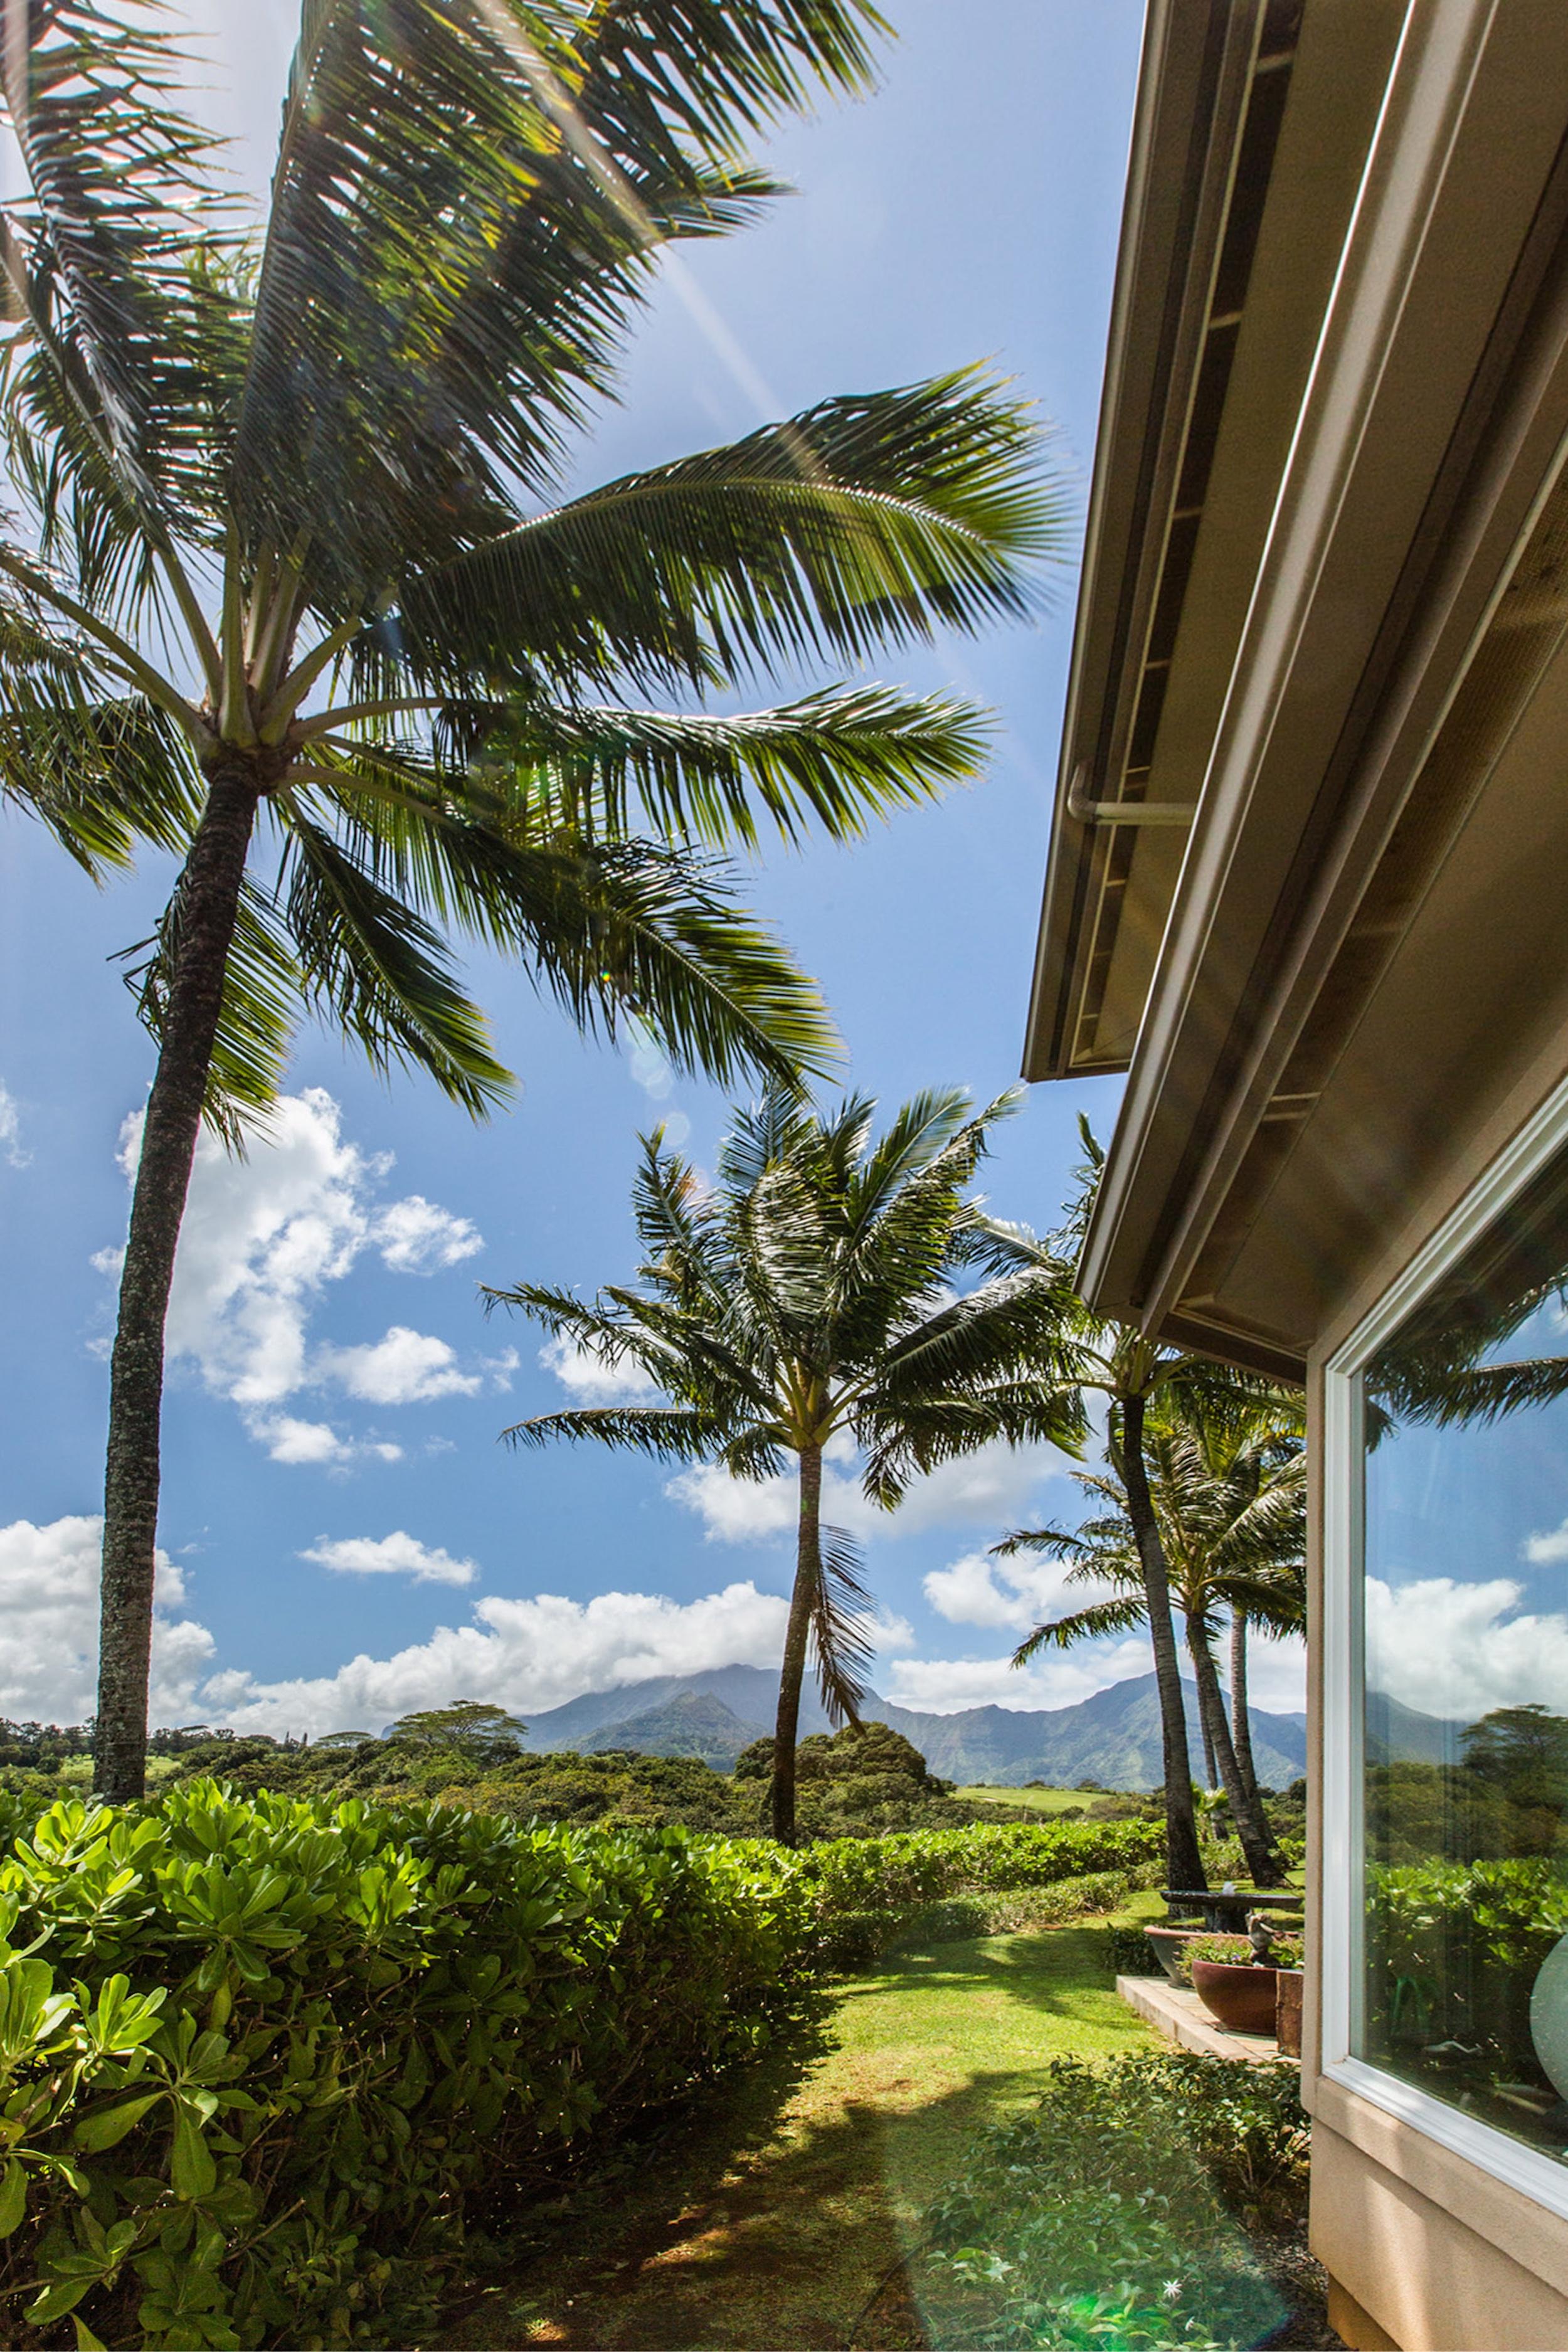 Eigentumswohnung für Verkauf beim Ka'iulania of Princeville 4100 Queen Emma Dr. #15 Princeville, Hawaii, 96754 Vereinigte Staaten